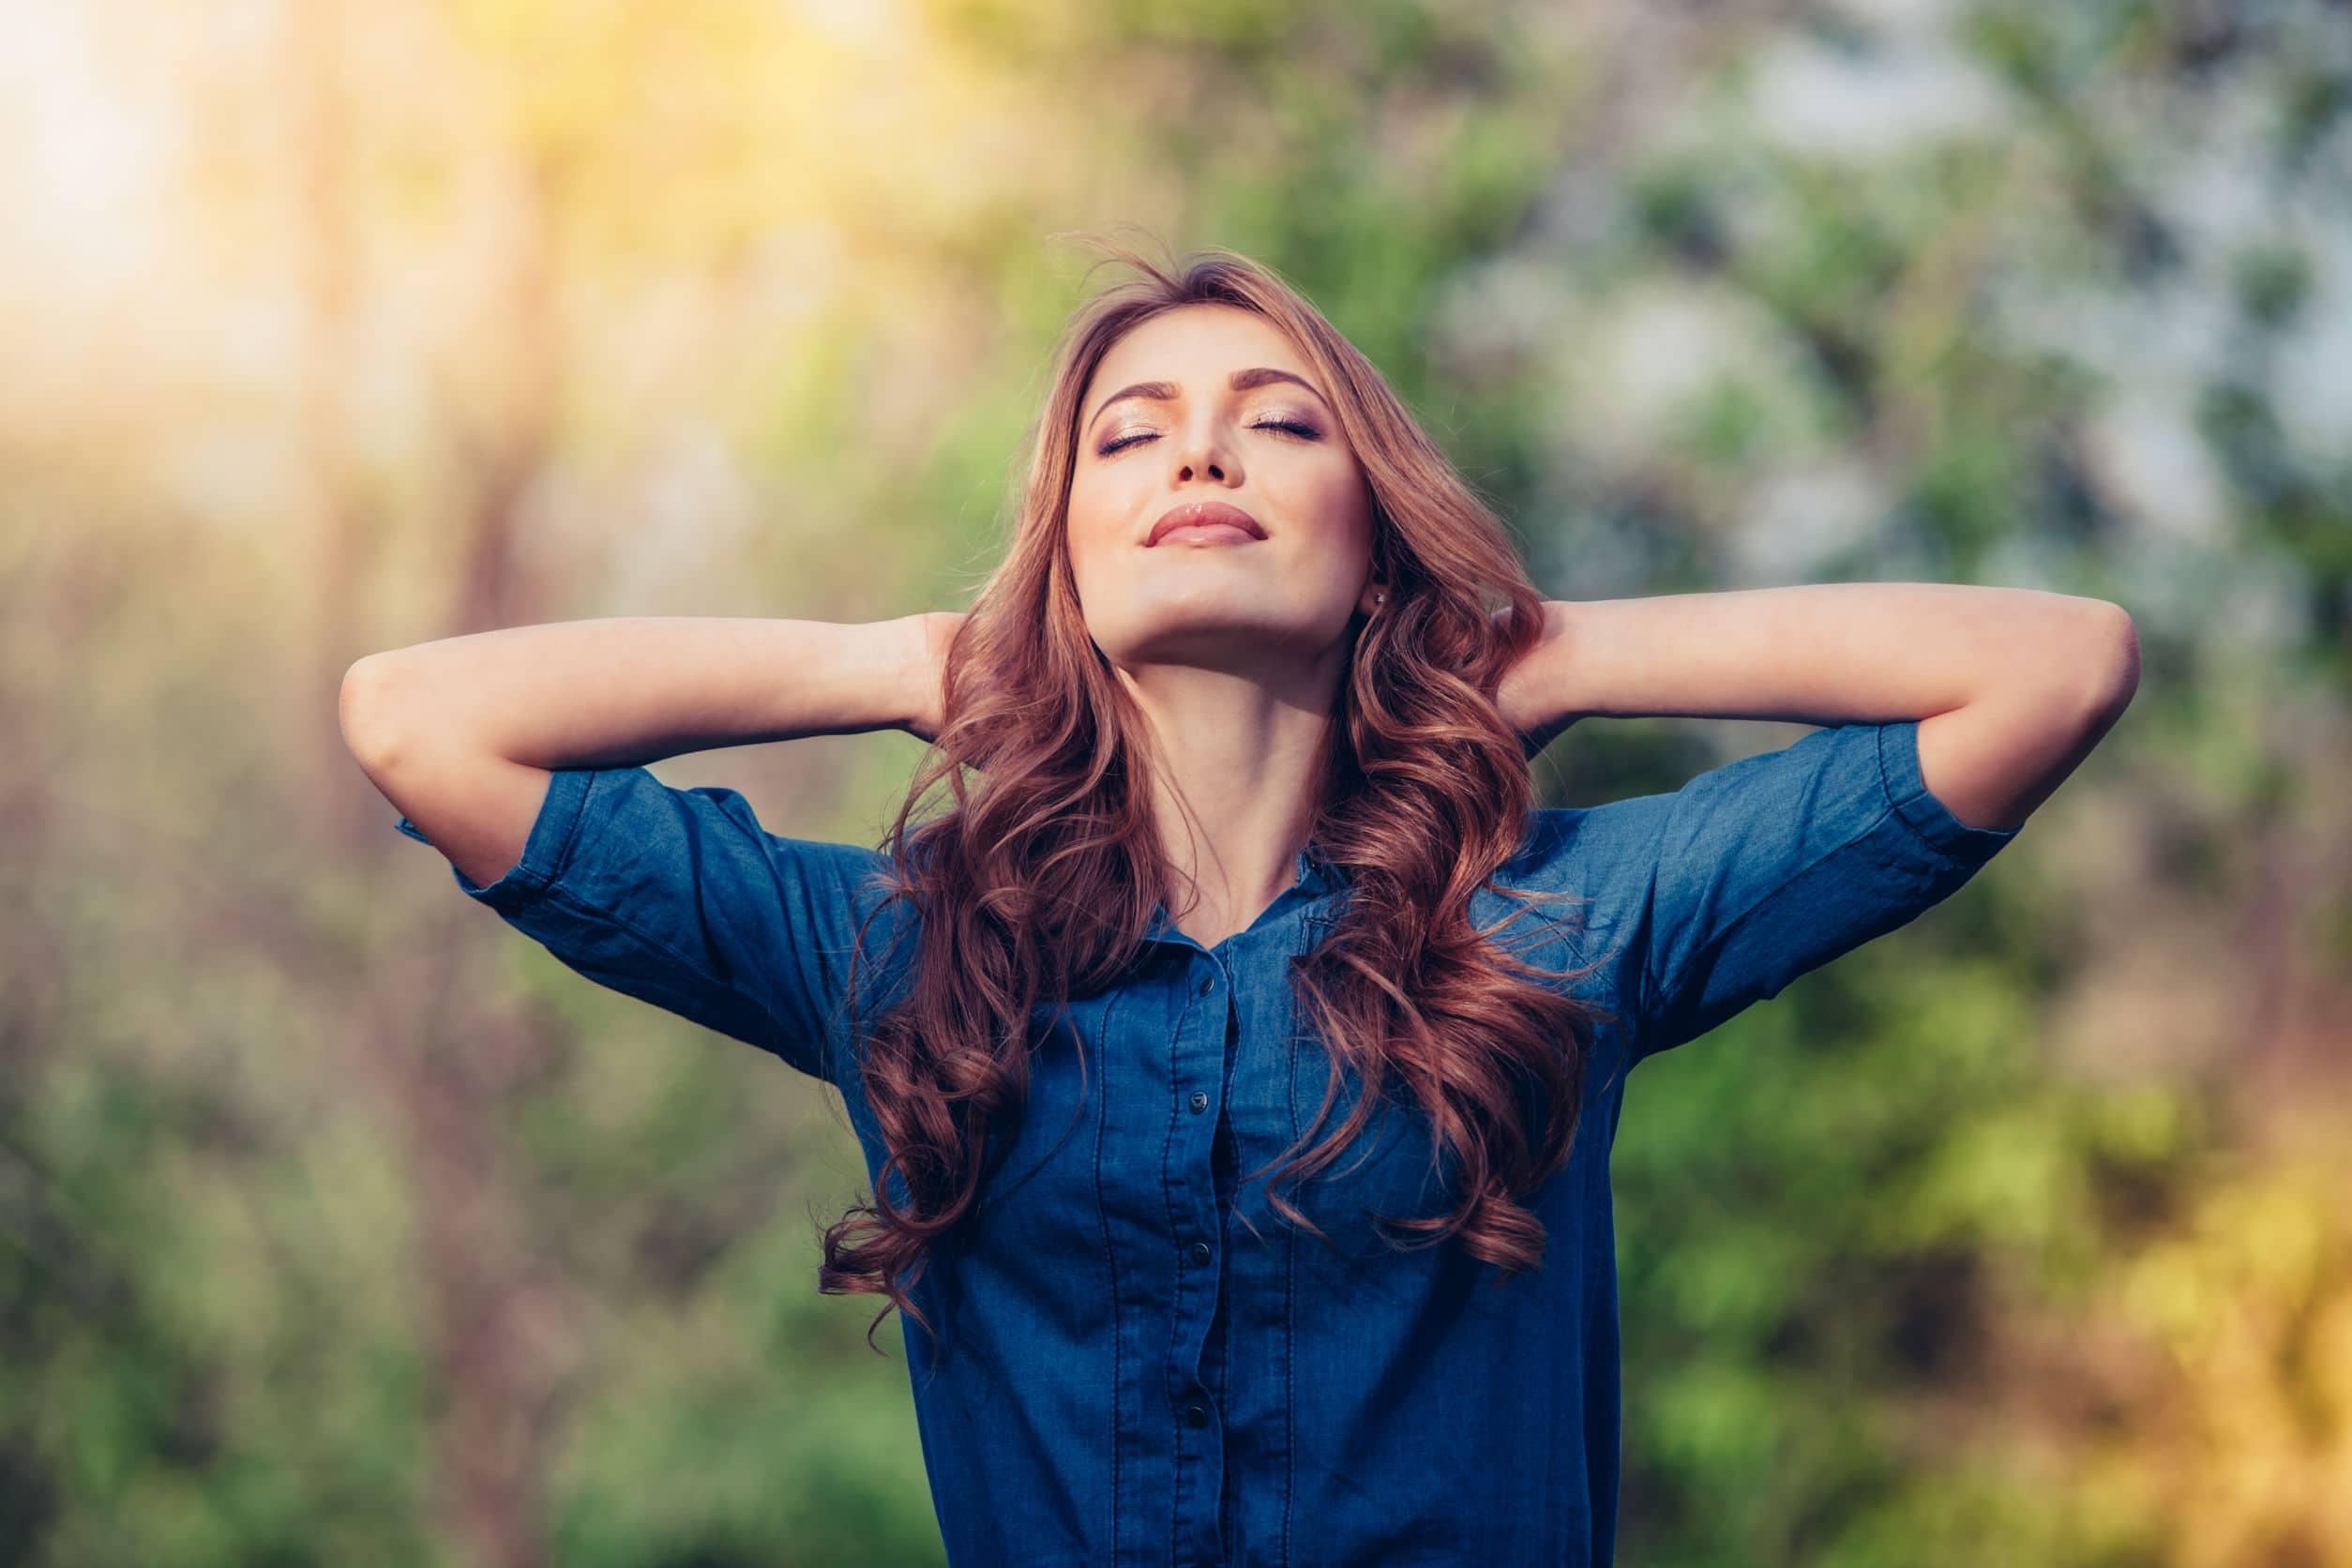 Mulher branca sorrindo de olhos fechados e cabeça levantada e apoiada nos dois braços, em um bosque com o céu ensolarado.